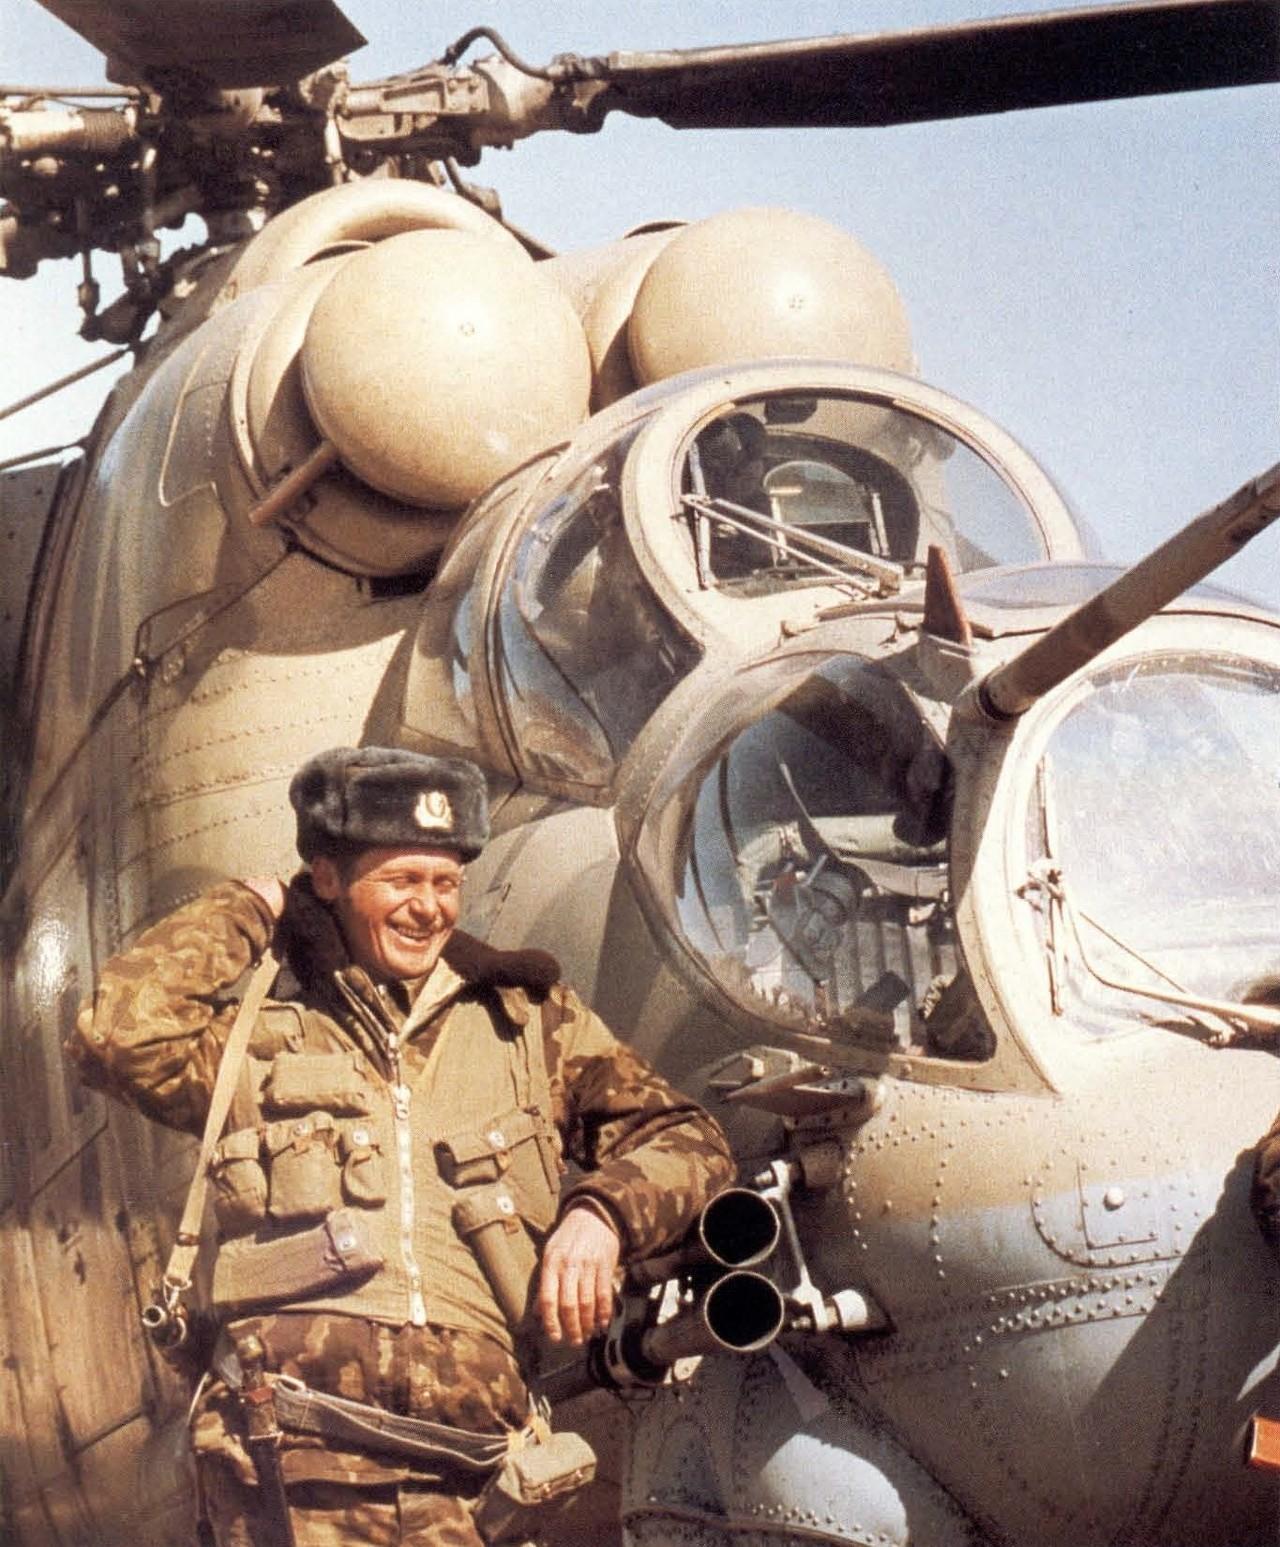 avions et hélicoptères soviétique Vppr8gf6bse21-jpg